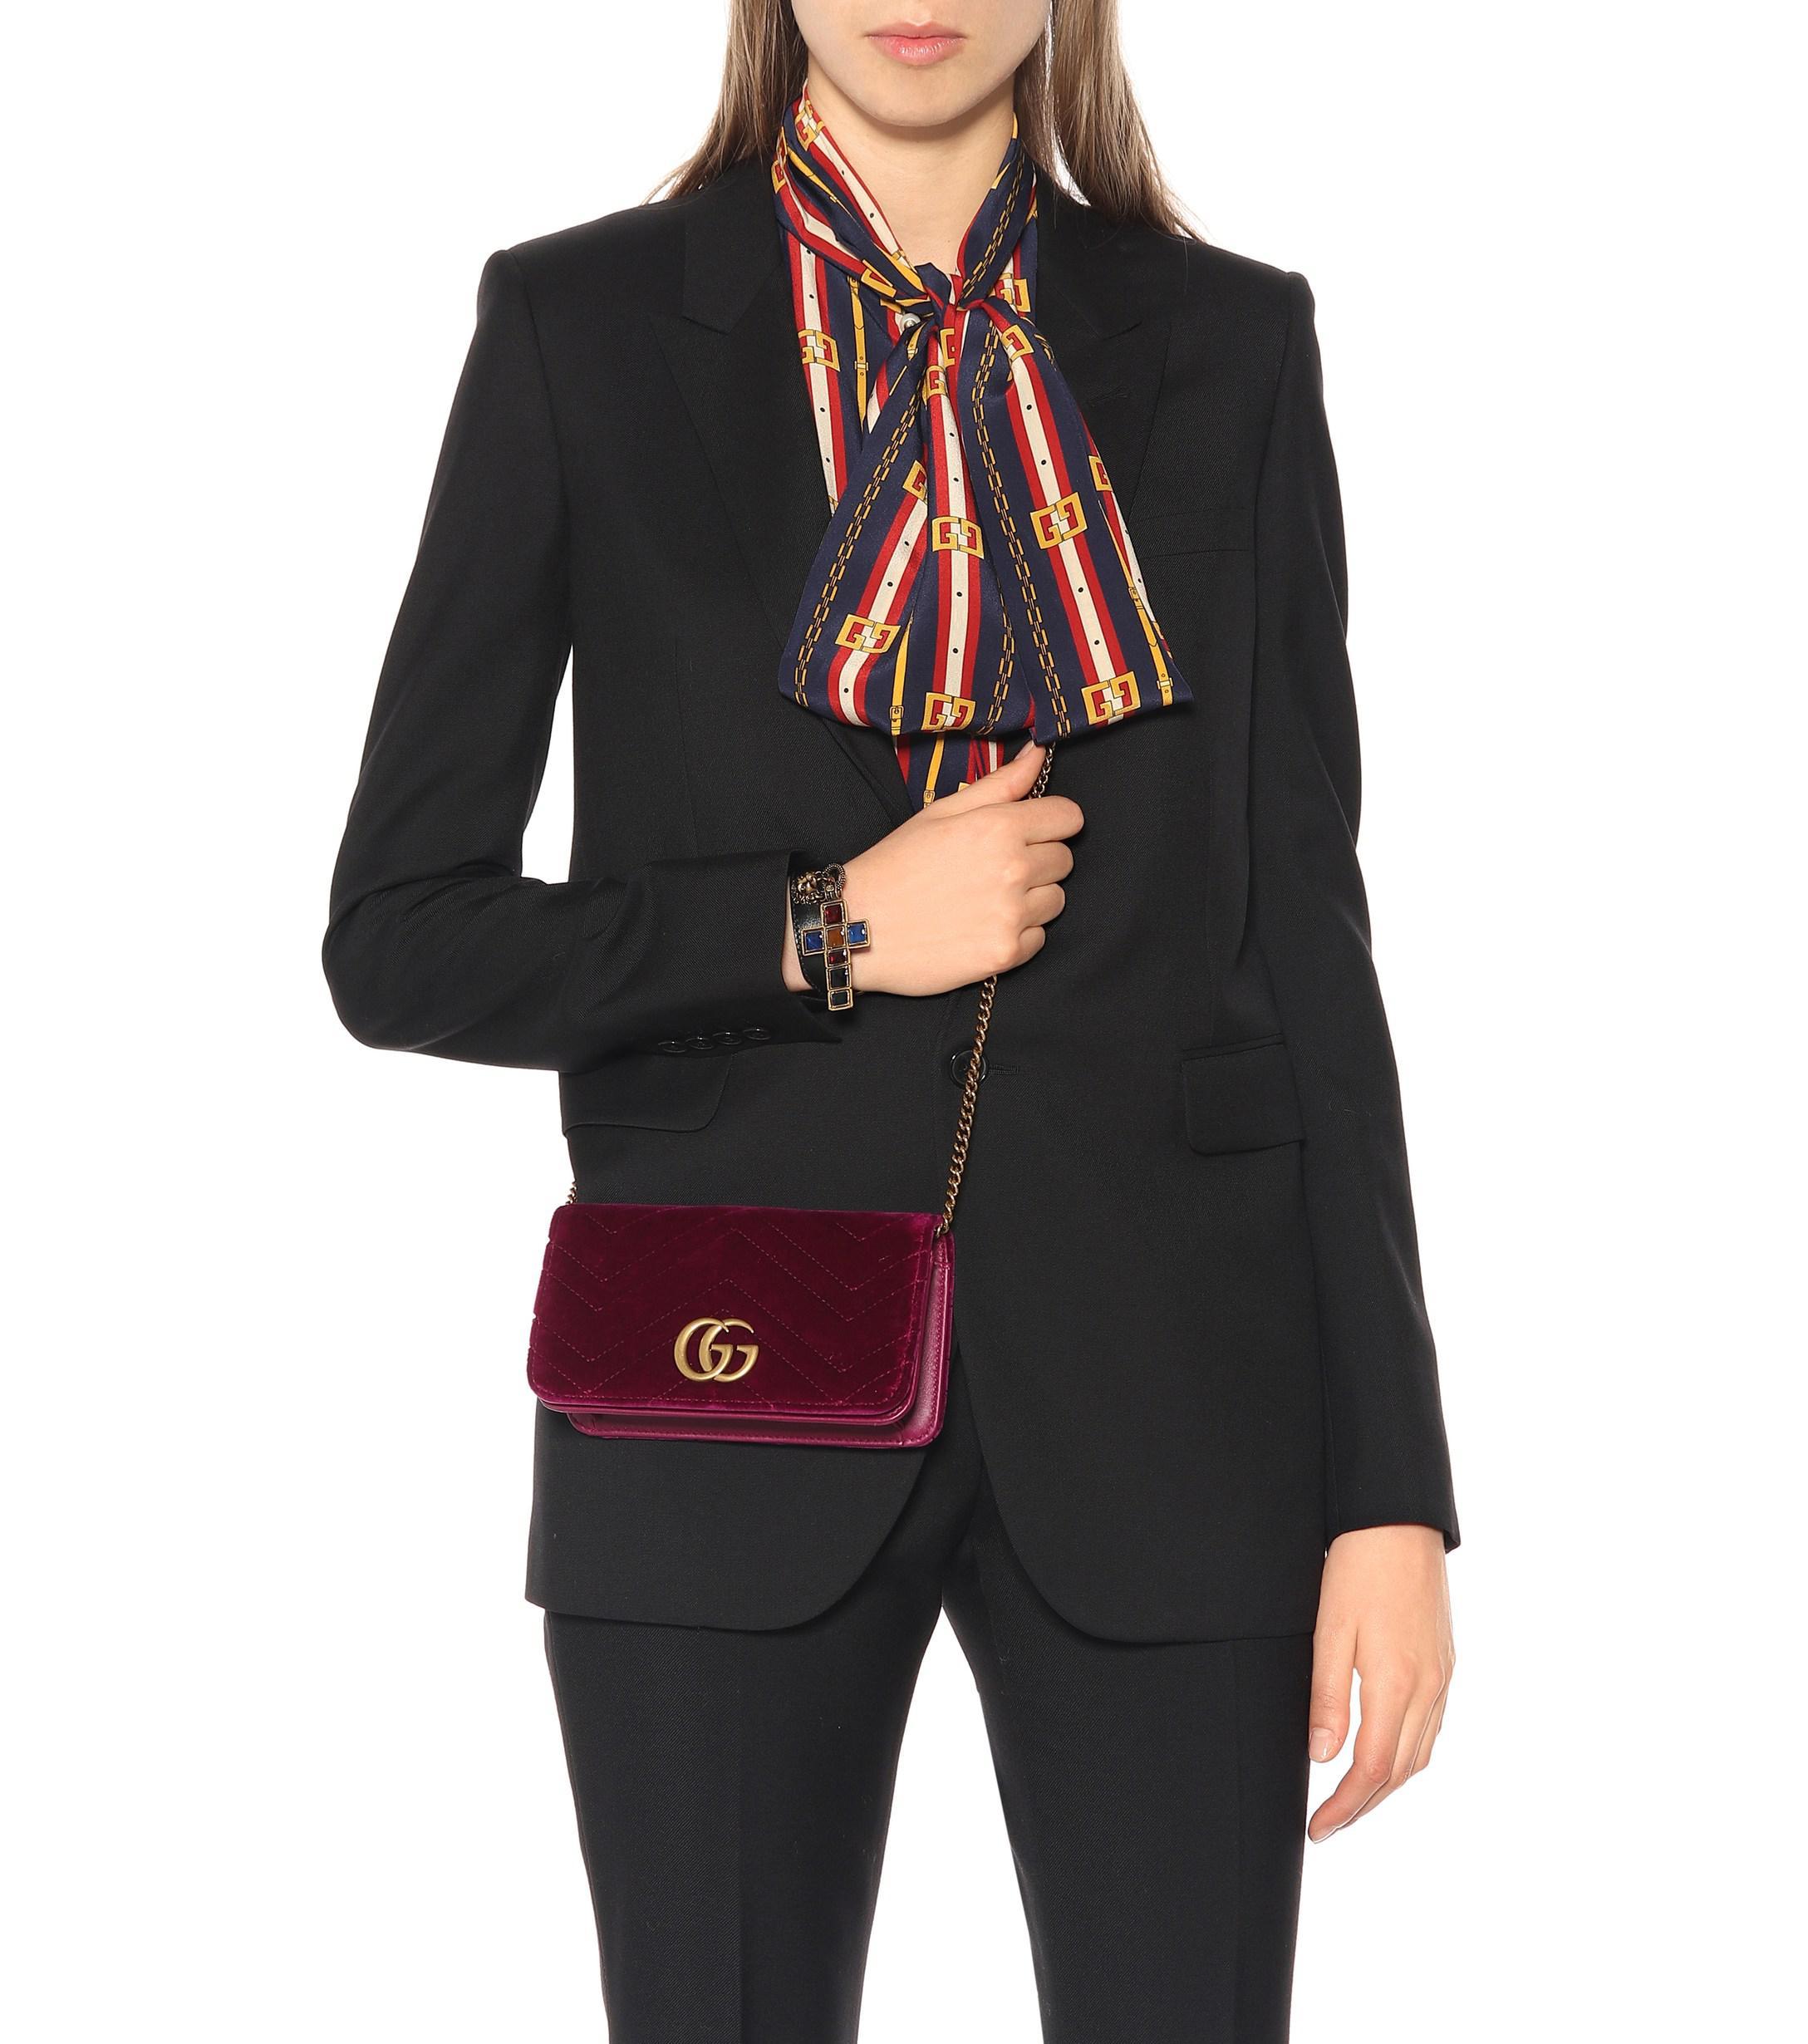 db5717e874d Lyst - Gucci GG Marmont Super Mini Shoulder Bag